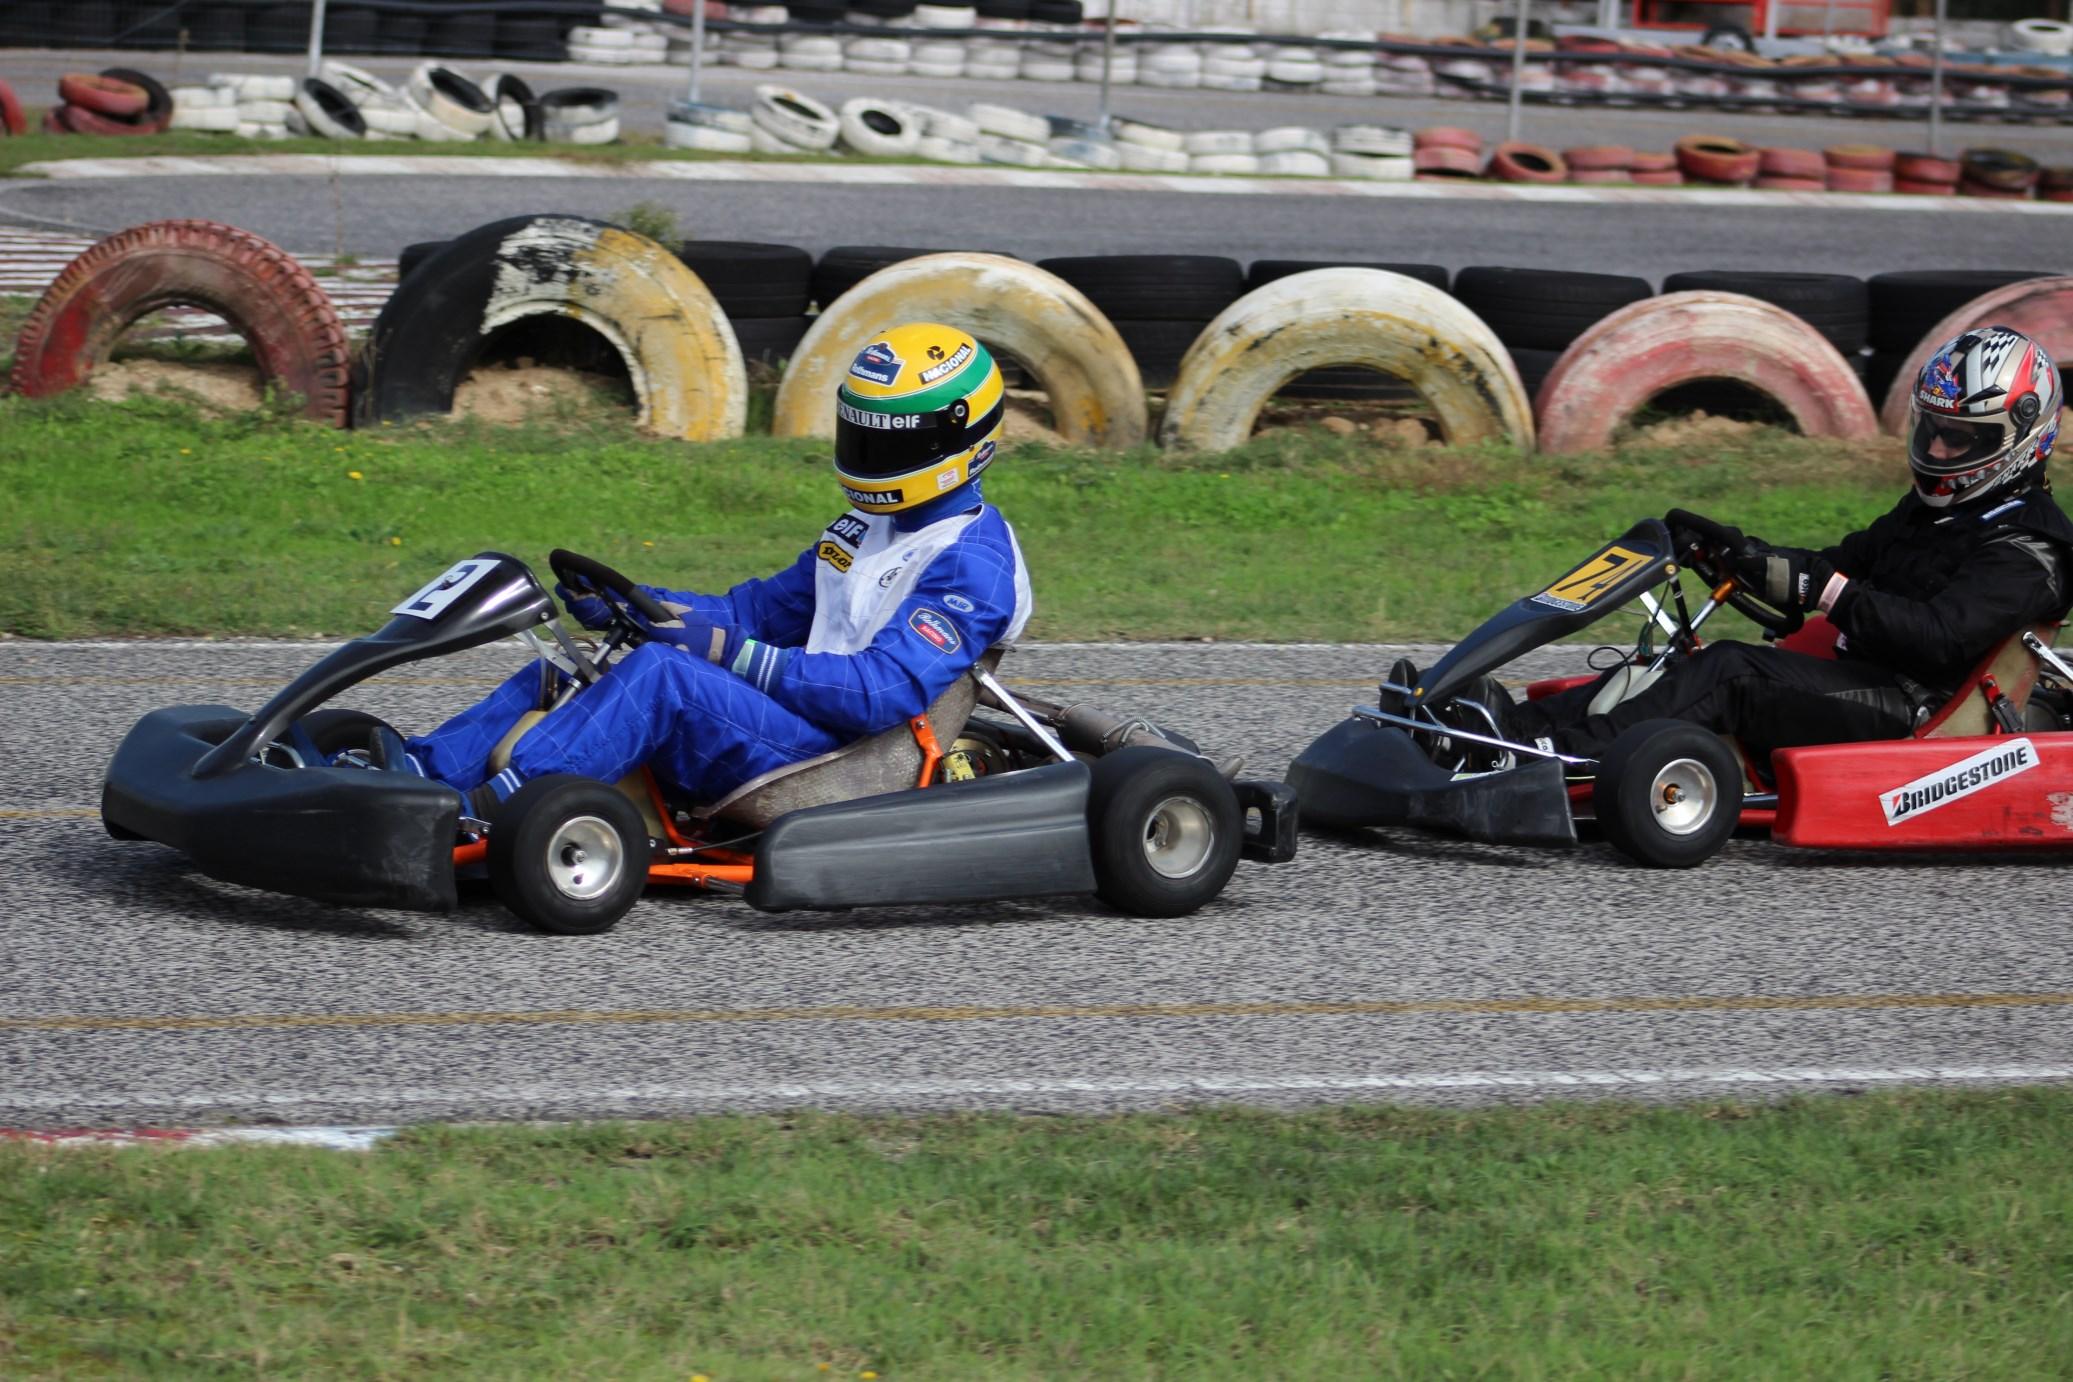 Troféu Honda 2014 - 4ª Prova165